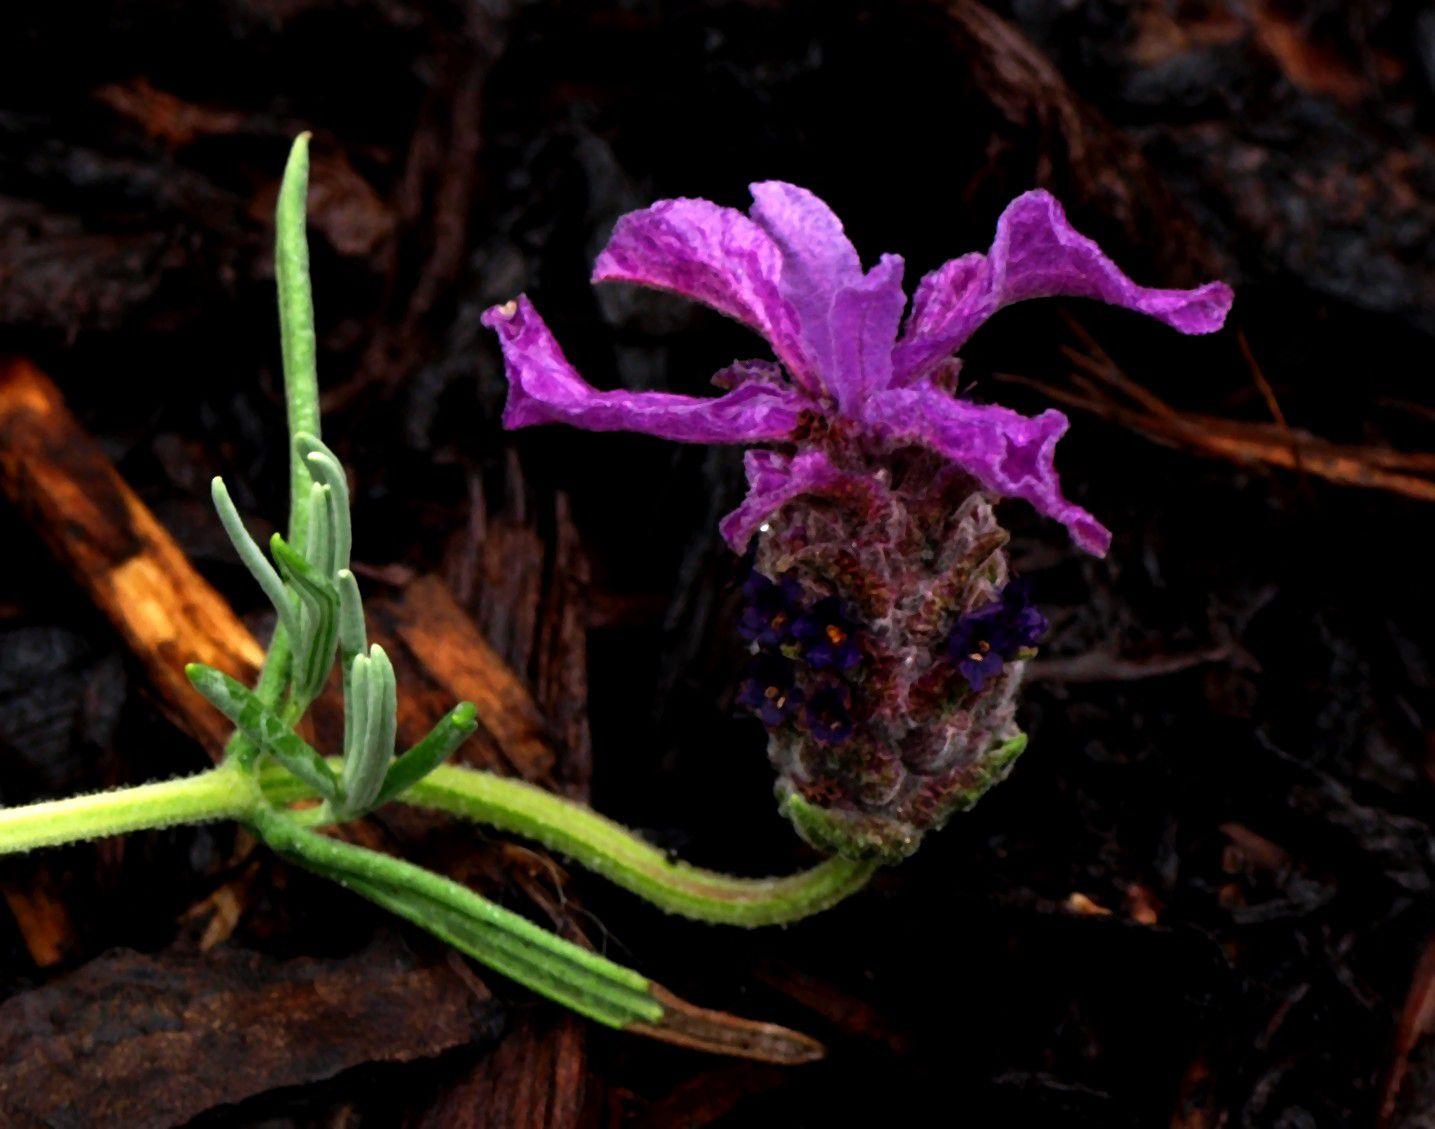 Malvorlagen Lavendel und Rosen - Malen und Zeichnen als Hobby